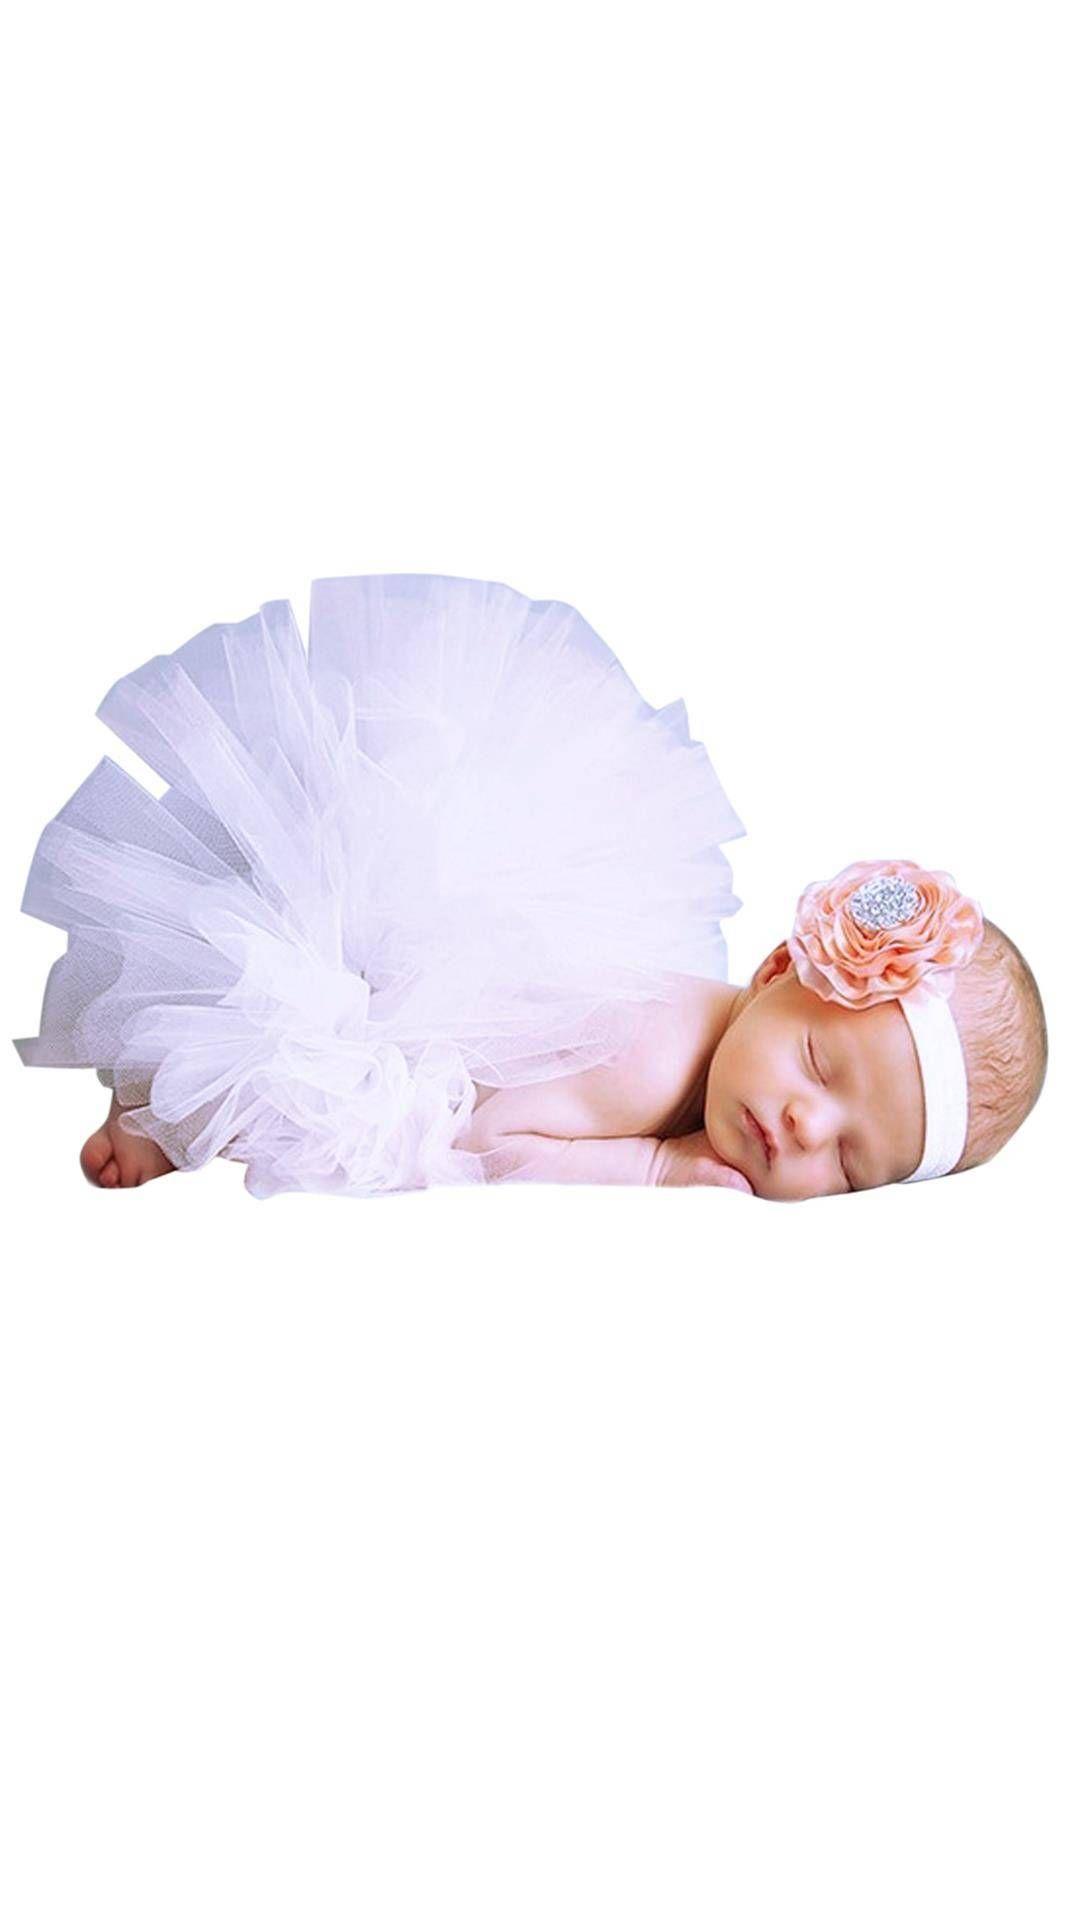 Baby Fantasias Recem Nascido Flower Headband #Headband